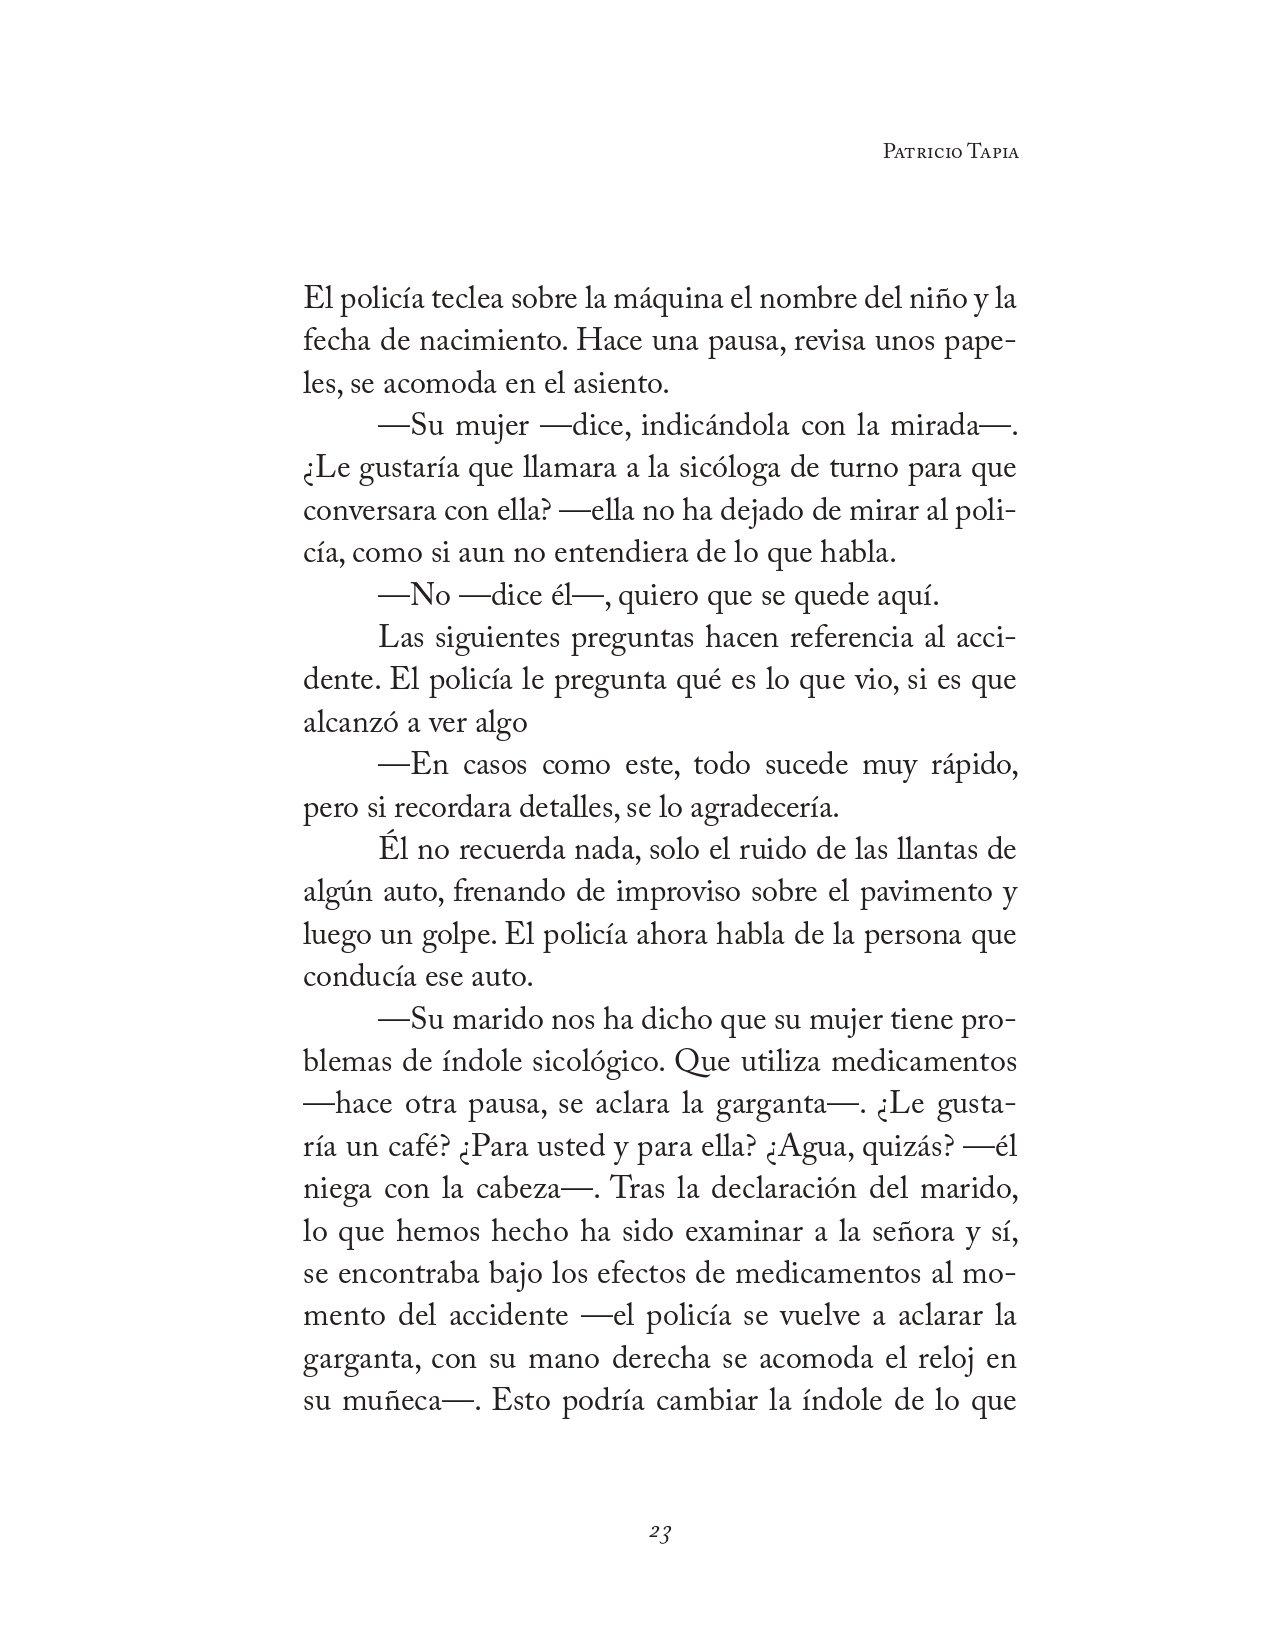 Adelanto_Hombres_Inofensivos_Patricio_Tapia_page-0020.jpg